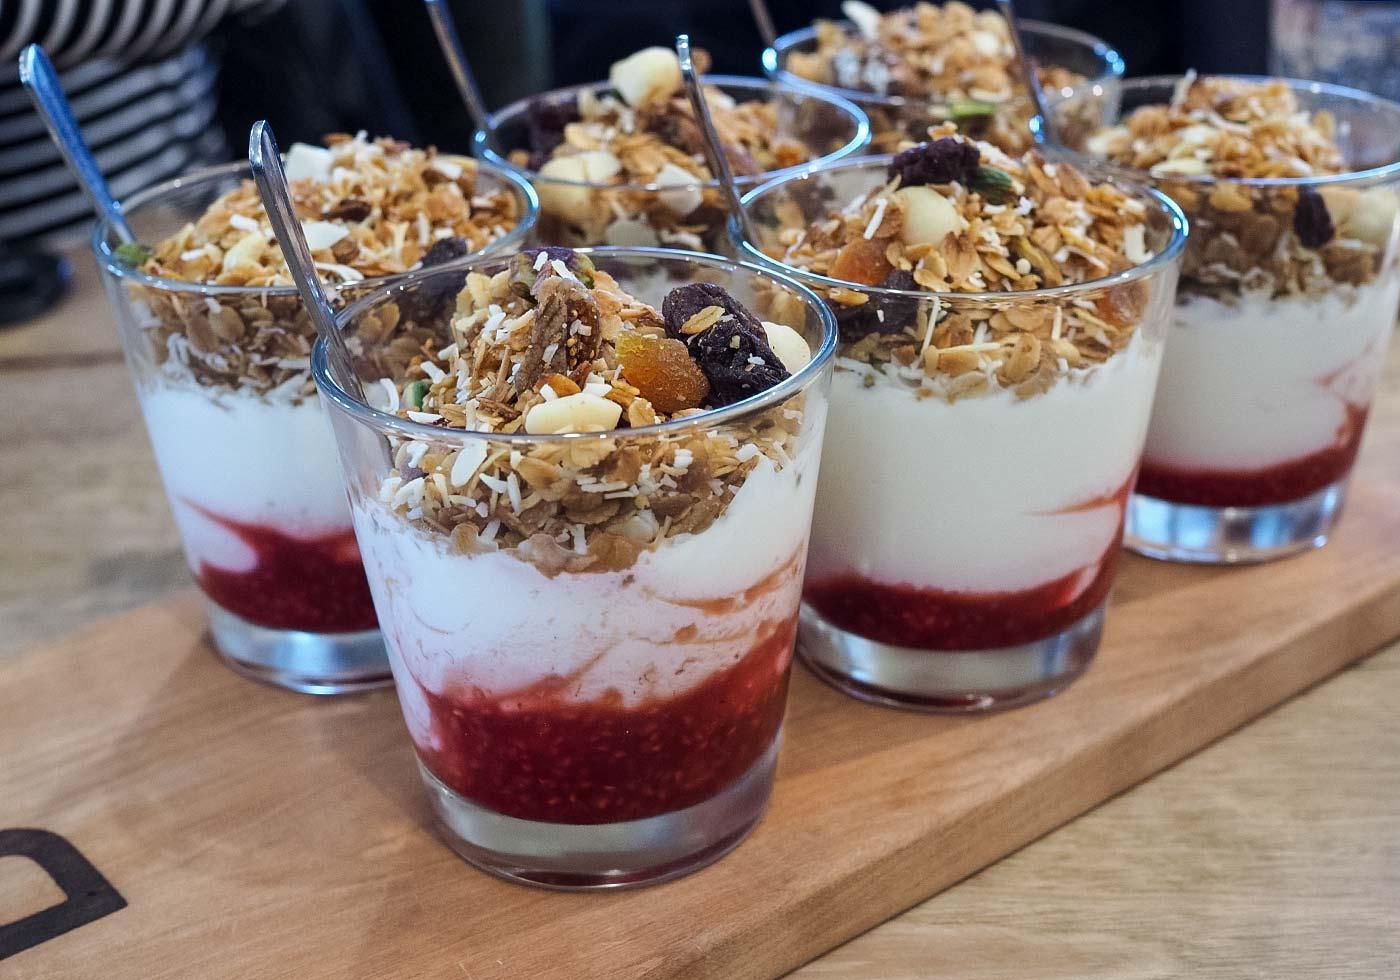 byng-street-cafe-yoghurt